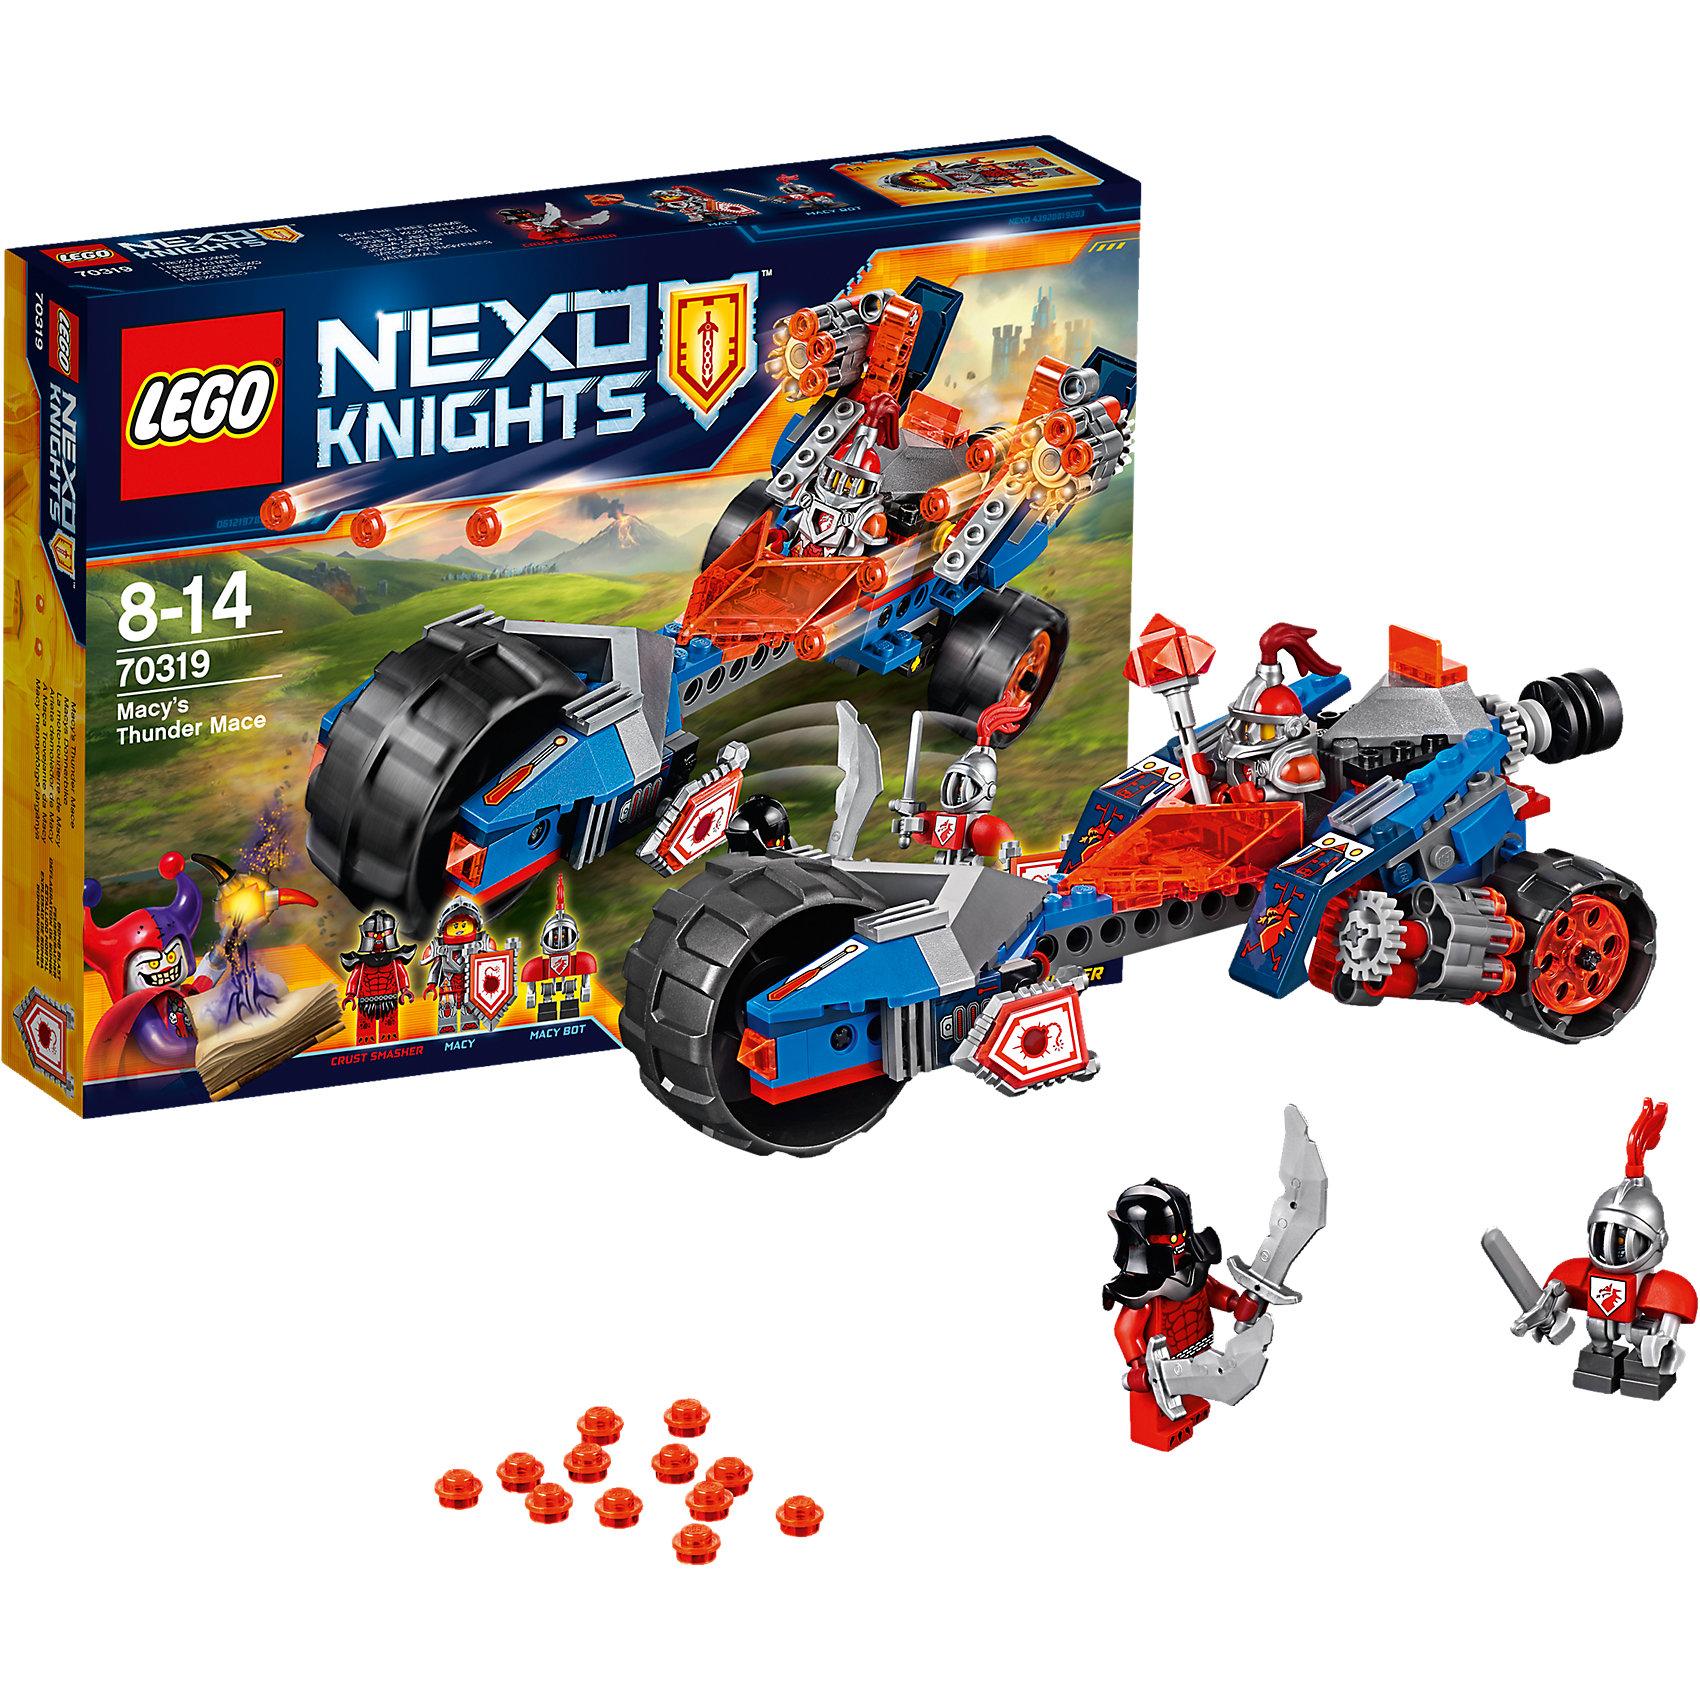 LEGO NEXO KNIGHTS 70319: Молниеносная машина МэйсиЗастань противника врасплох! Поверни ручку, чтобы выдвинуть скорострельные шипованные шутеры молниеносной машины Мэйси. Целься в Магмометателя, затем выпрыгни из машины вместе с верным ботом Мэйси, захвати Фотонную булаву и продолжи битву! В набор входит щит для сканирования NEXO Силы «Взрыв бомбы».<br><br>LEGO Nexo Knights ( ЛЕГО Нексо Найт) - это невероятный мир прогресса и новых технологий, в котором все же нашлось место для настоящих рыцарей, магии и волшебства. Удивительное сочетание футуризма и средневековой романтики увлекает и детей, и взрослых, а множество наборов серии и высокая детализация позволяют создать свой волшебный мир Nexo Knights!<br><br>Дополнительная информация:<br><br>- Конструкторы ЛЕГО развивают усидчивость, внимание, фантазию и мелкую моторику. <br>- Количество деталей: 202 <br>- 3 минифигурки: Мэйси, Магмометатель и бот-оруженосец. <br>- 3 минифигурки, машина, аксессуары. <br>- Машина Мэйси оснащена 2-мя скорострельными орудиями, синхронно поднимающимися при вращении колесика. <br>- Серия ЛЕГО Нексо Найт (LEGO Nexo Knights).<br>- Материал: пластик.<br>- Размер упаковки: 26х4,6х19 см.<br>- Вес: 0.315 кг.<br><br>Конструктор LEGO Nexo Knights 70319: Молниеносная машина Мэйси можно купить в нашем магазине.<br><br>Ширина мм: 264<br>Глубина мм: 190<br>Высота мм: 48<br>Вес г: 311<br>Возраст от месяцев: 96<br>Возраст до месяцев: 168<br>Пол: Мужской<br>Возраст: Детский<br>SKU: 4641205